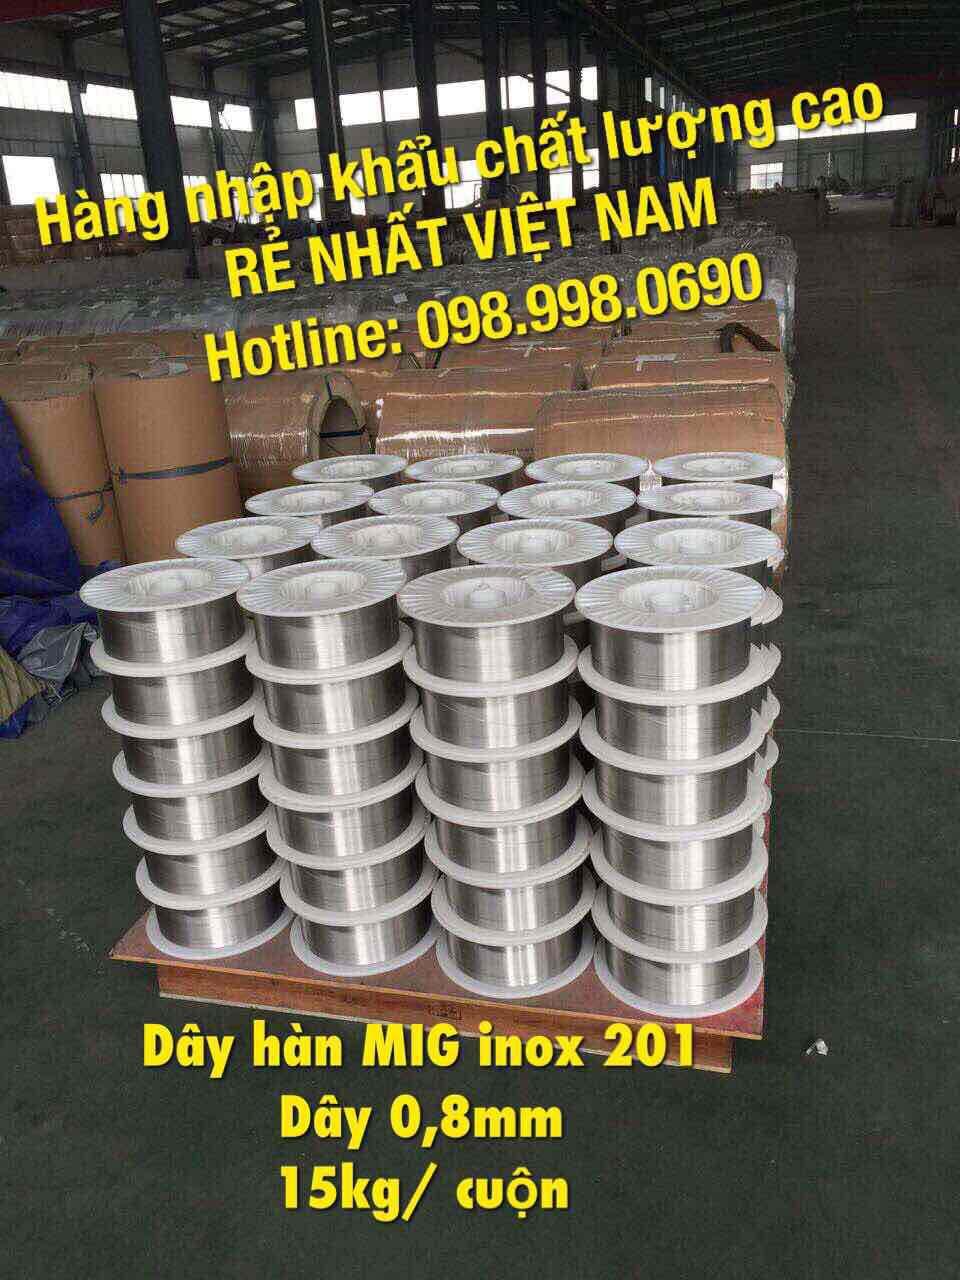 Dây hàn MIG INOX 201 0.8mm